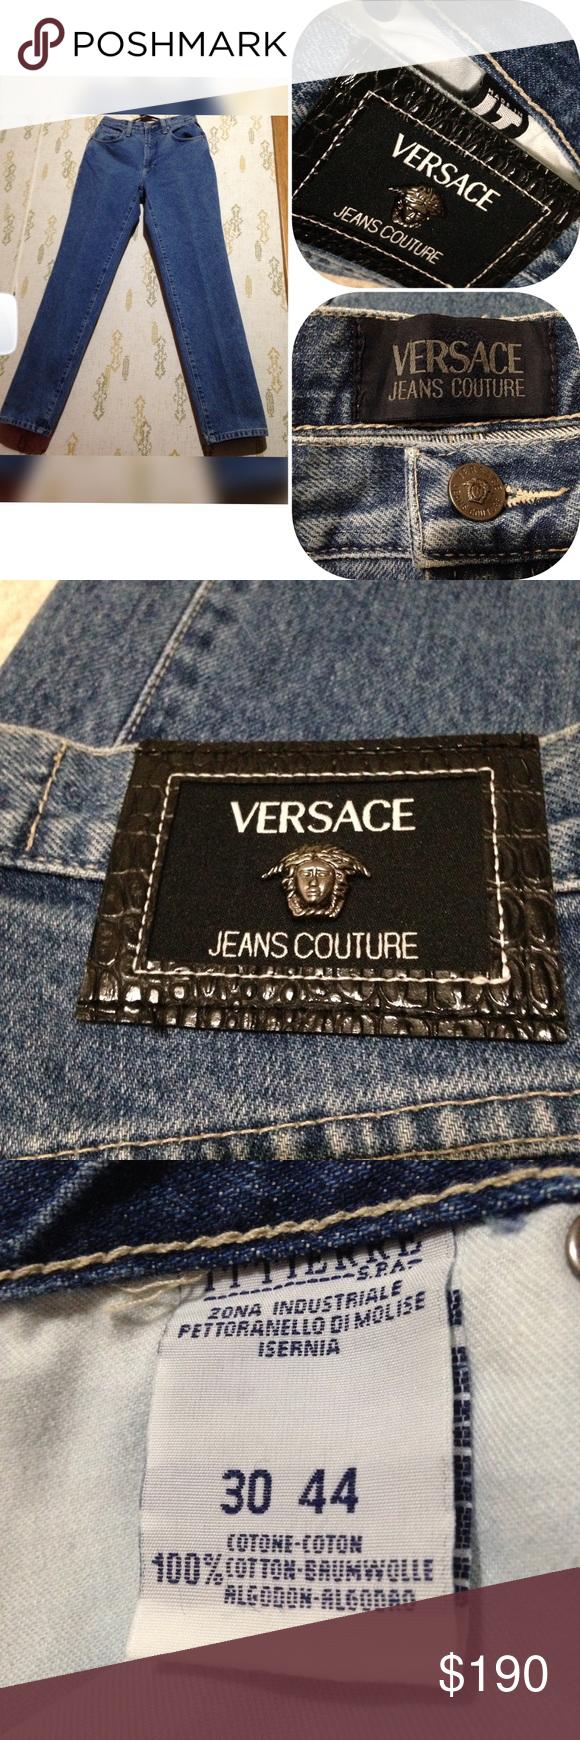 Versace Jeans Versace Jeans Trendy Denim Versace